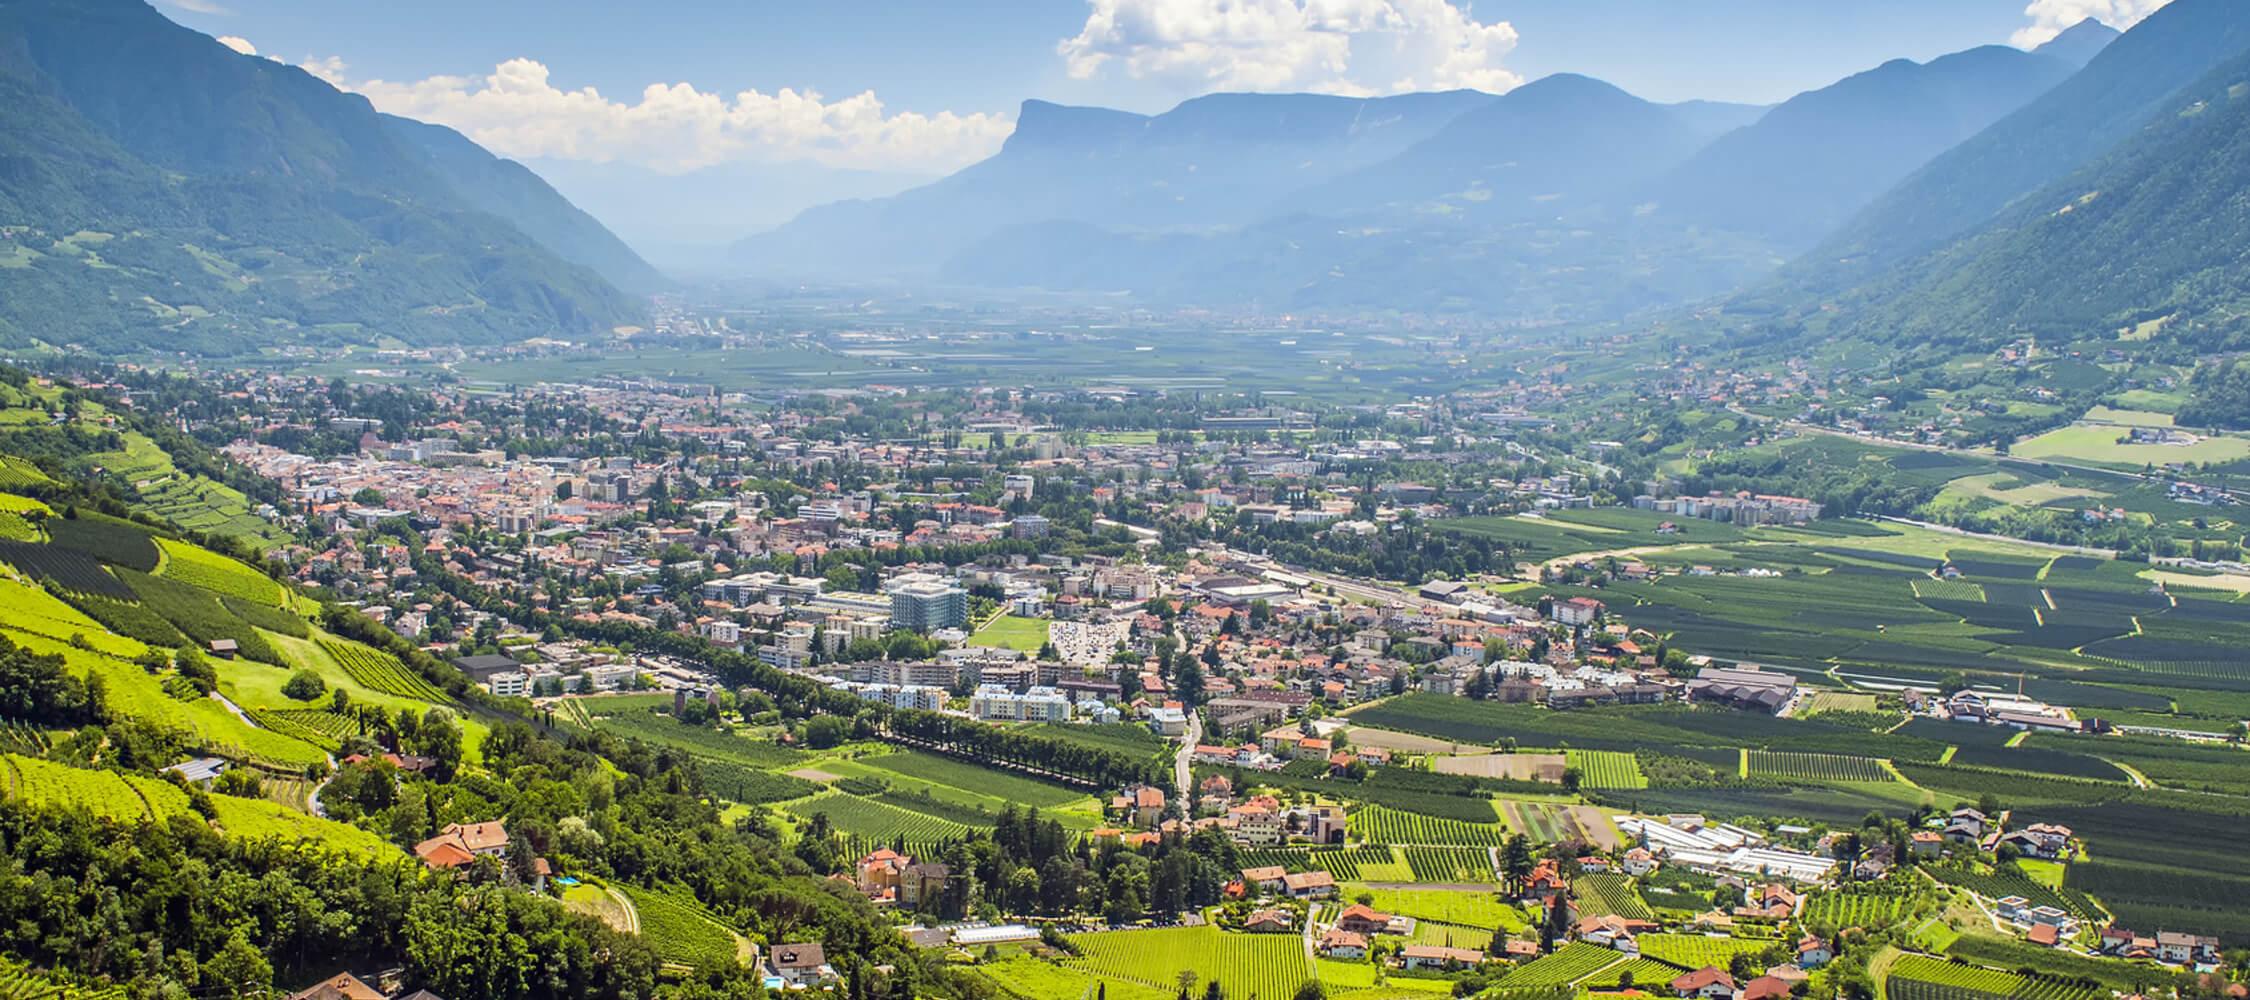 Italien-Trentino_Suedtirol_Alto_Adige_Merano_Meran_Natur_Panorama_Talkessel_56095661_2250x1000